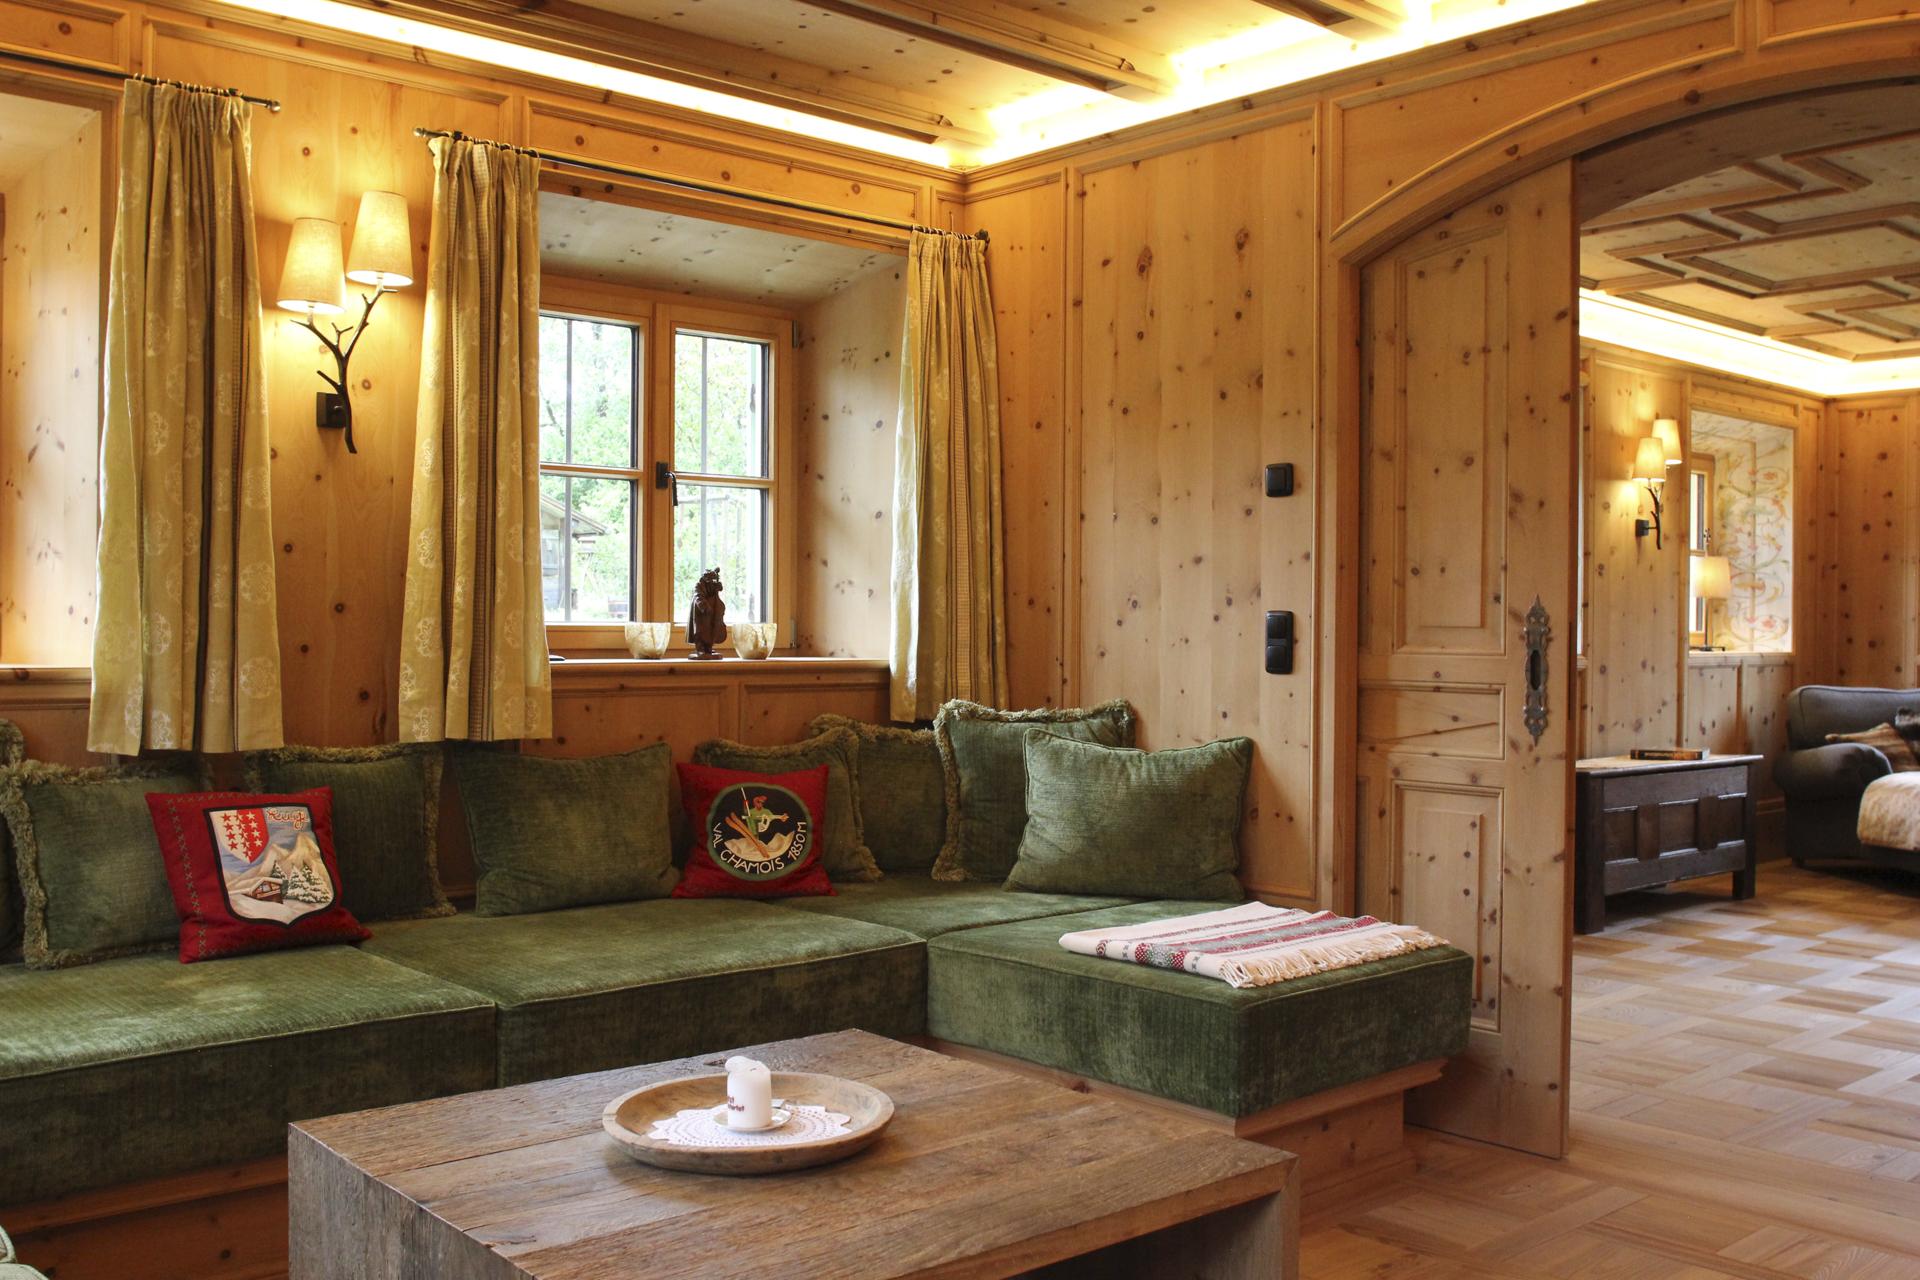 tischlerei-decker-landhaus-bayern-wohnzimmer-couch